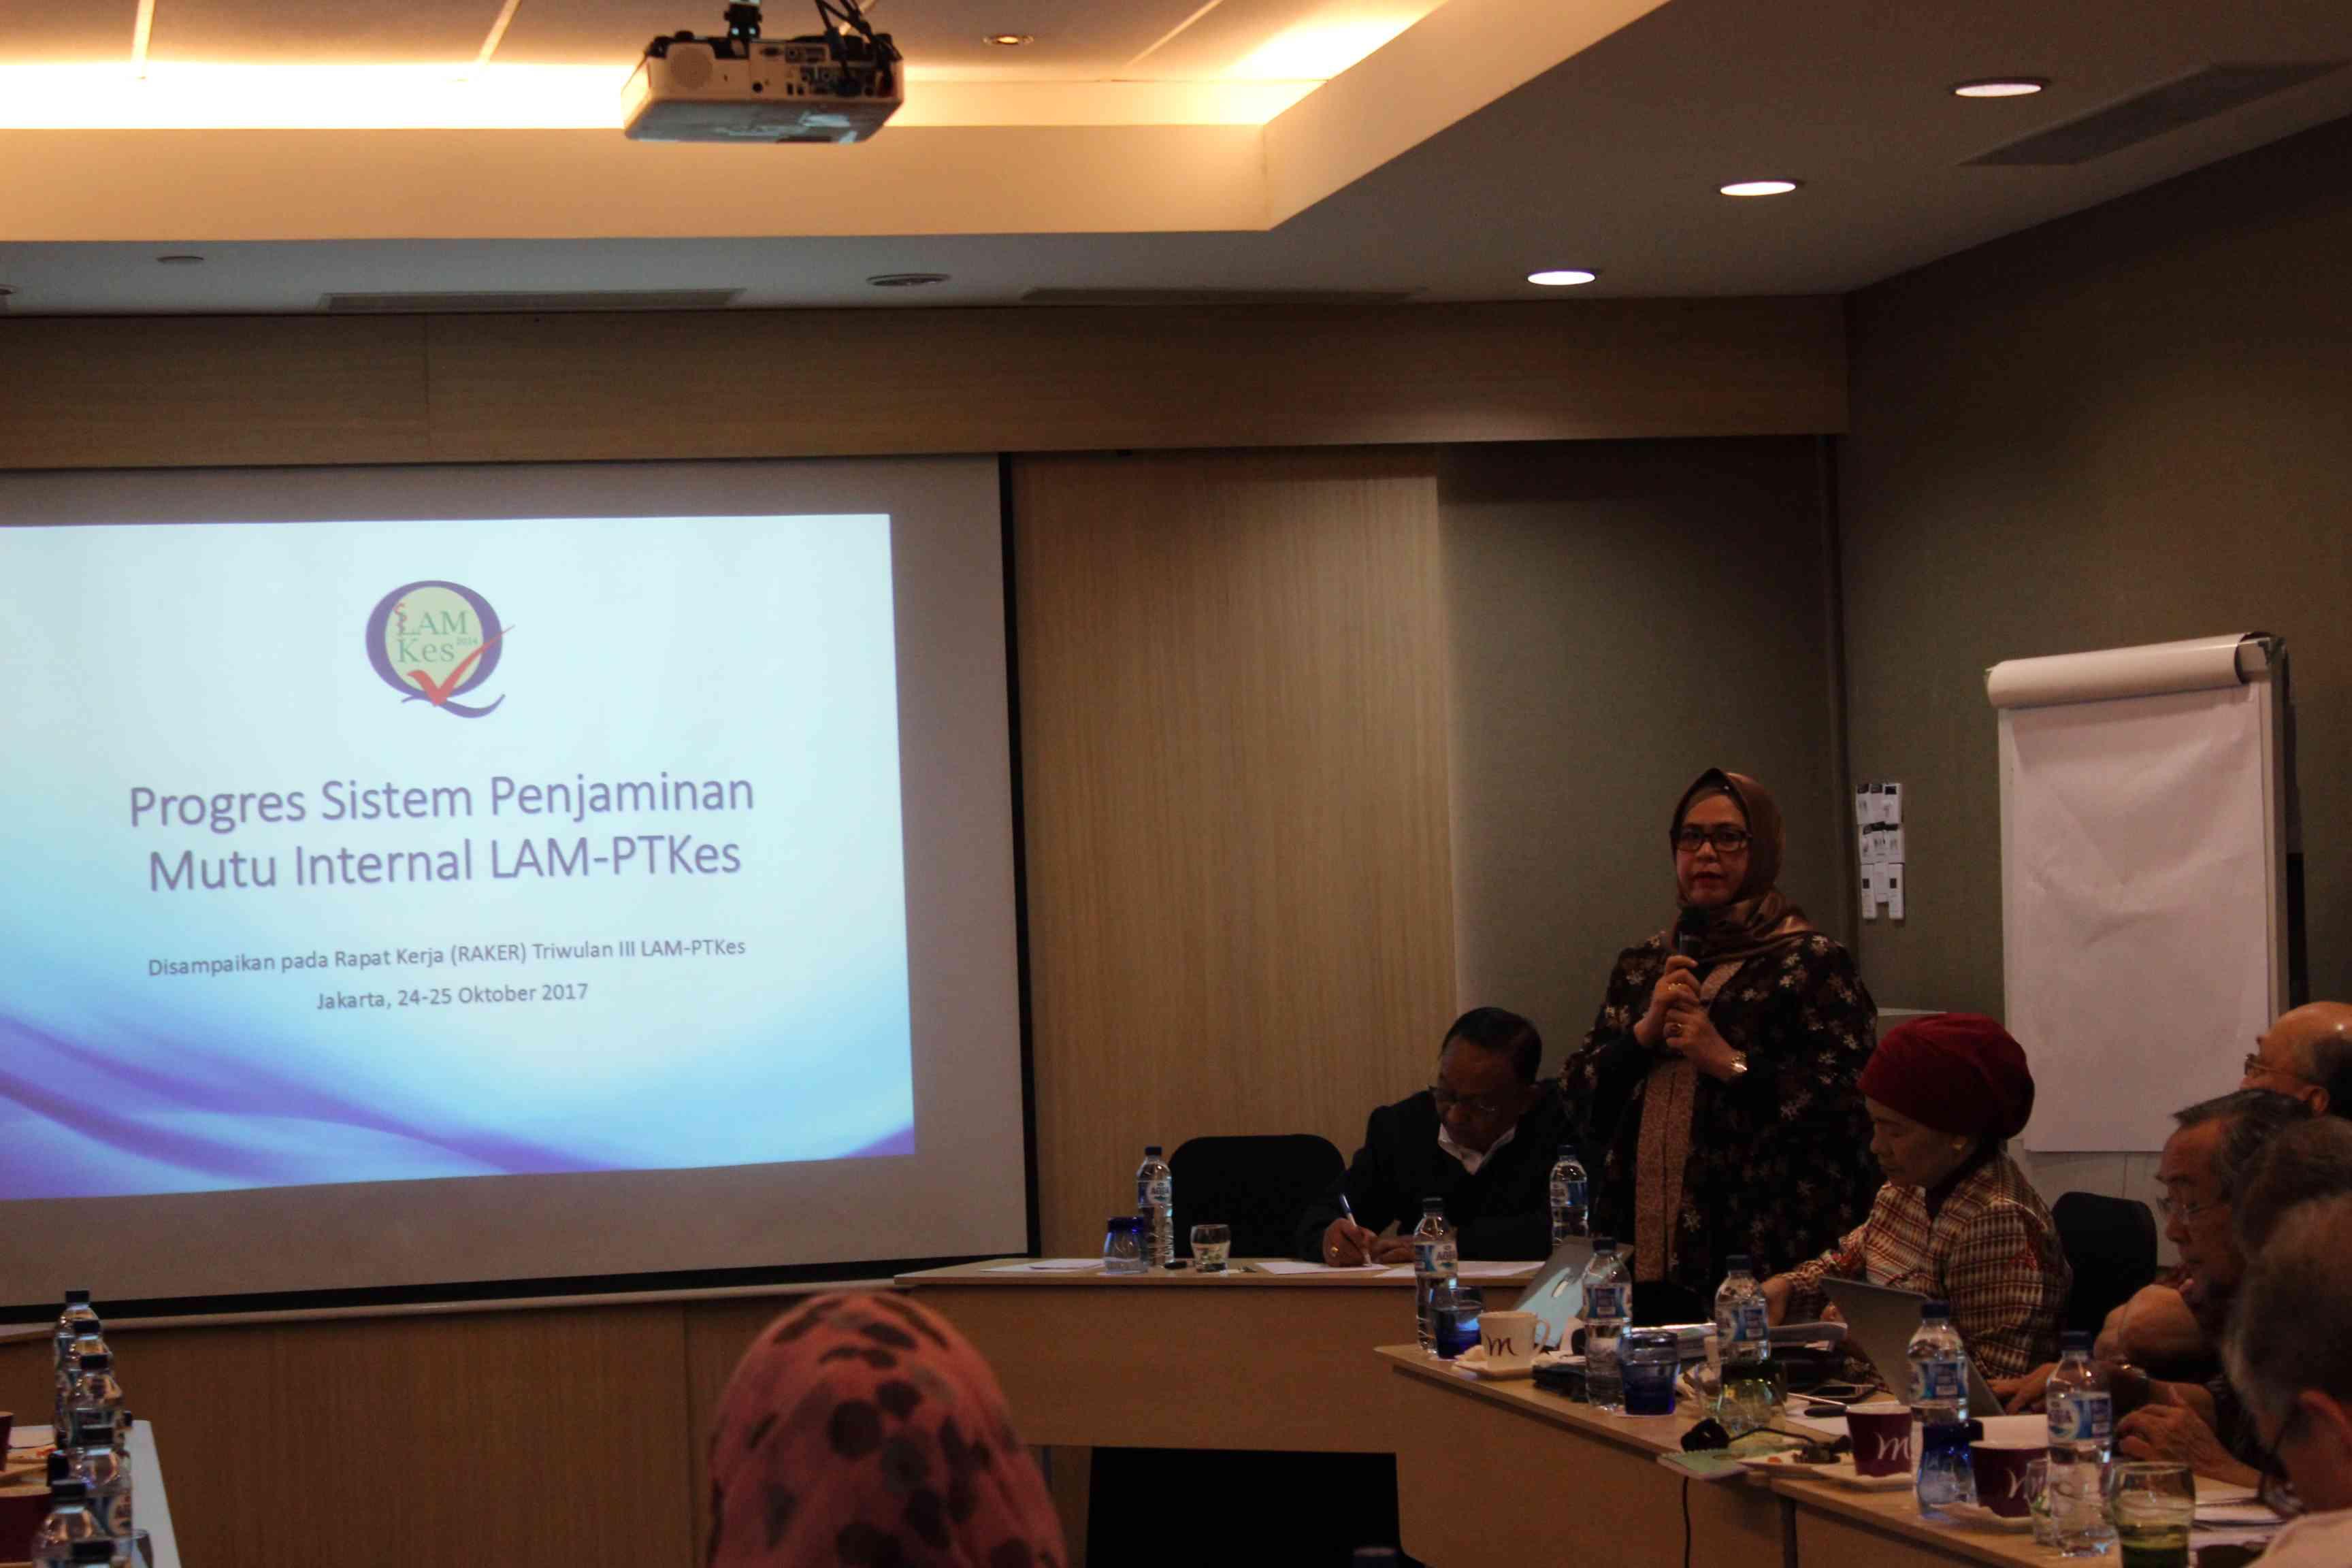 Rapat Kerja Triwulan III, 24-25 Oktober 2017 di Hotel Mercure Jakarta Simatupang